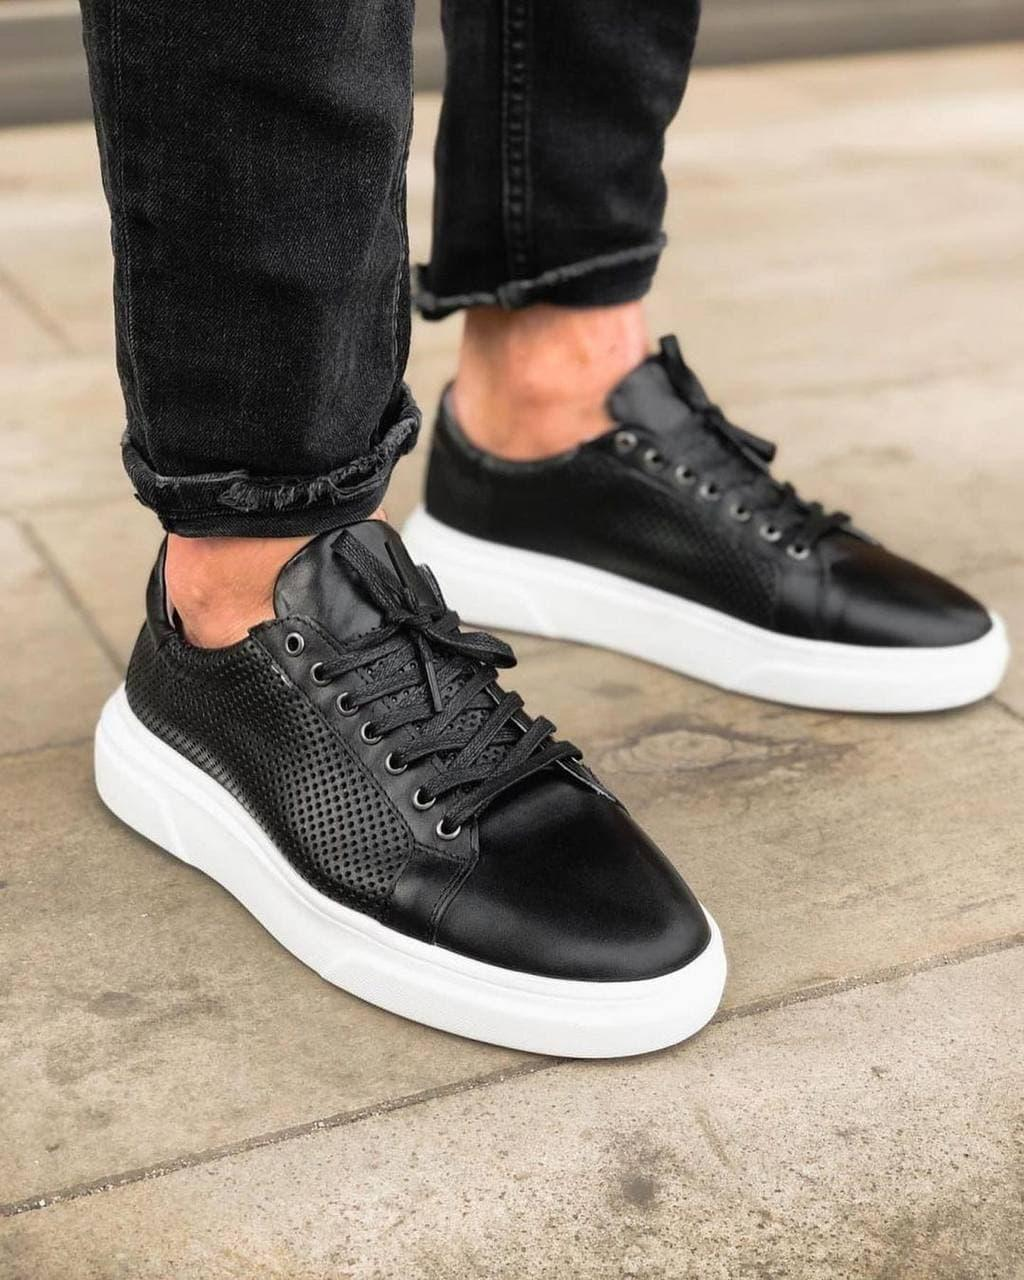 Чоловічі кросівки. Шкіряні кросівки. Натуральне якість.